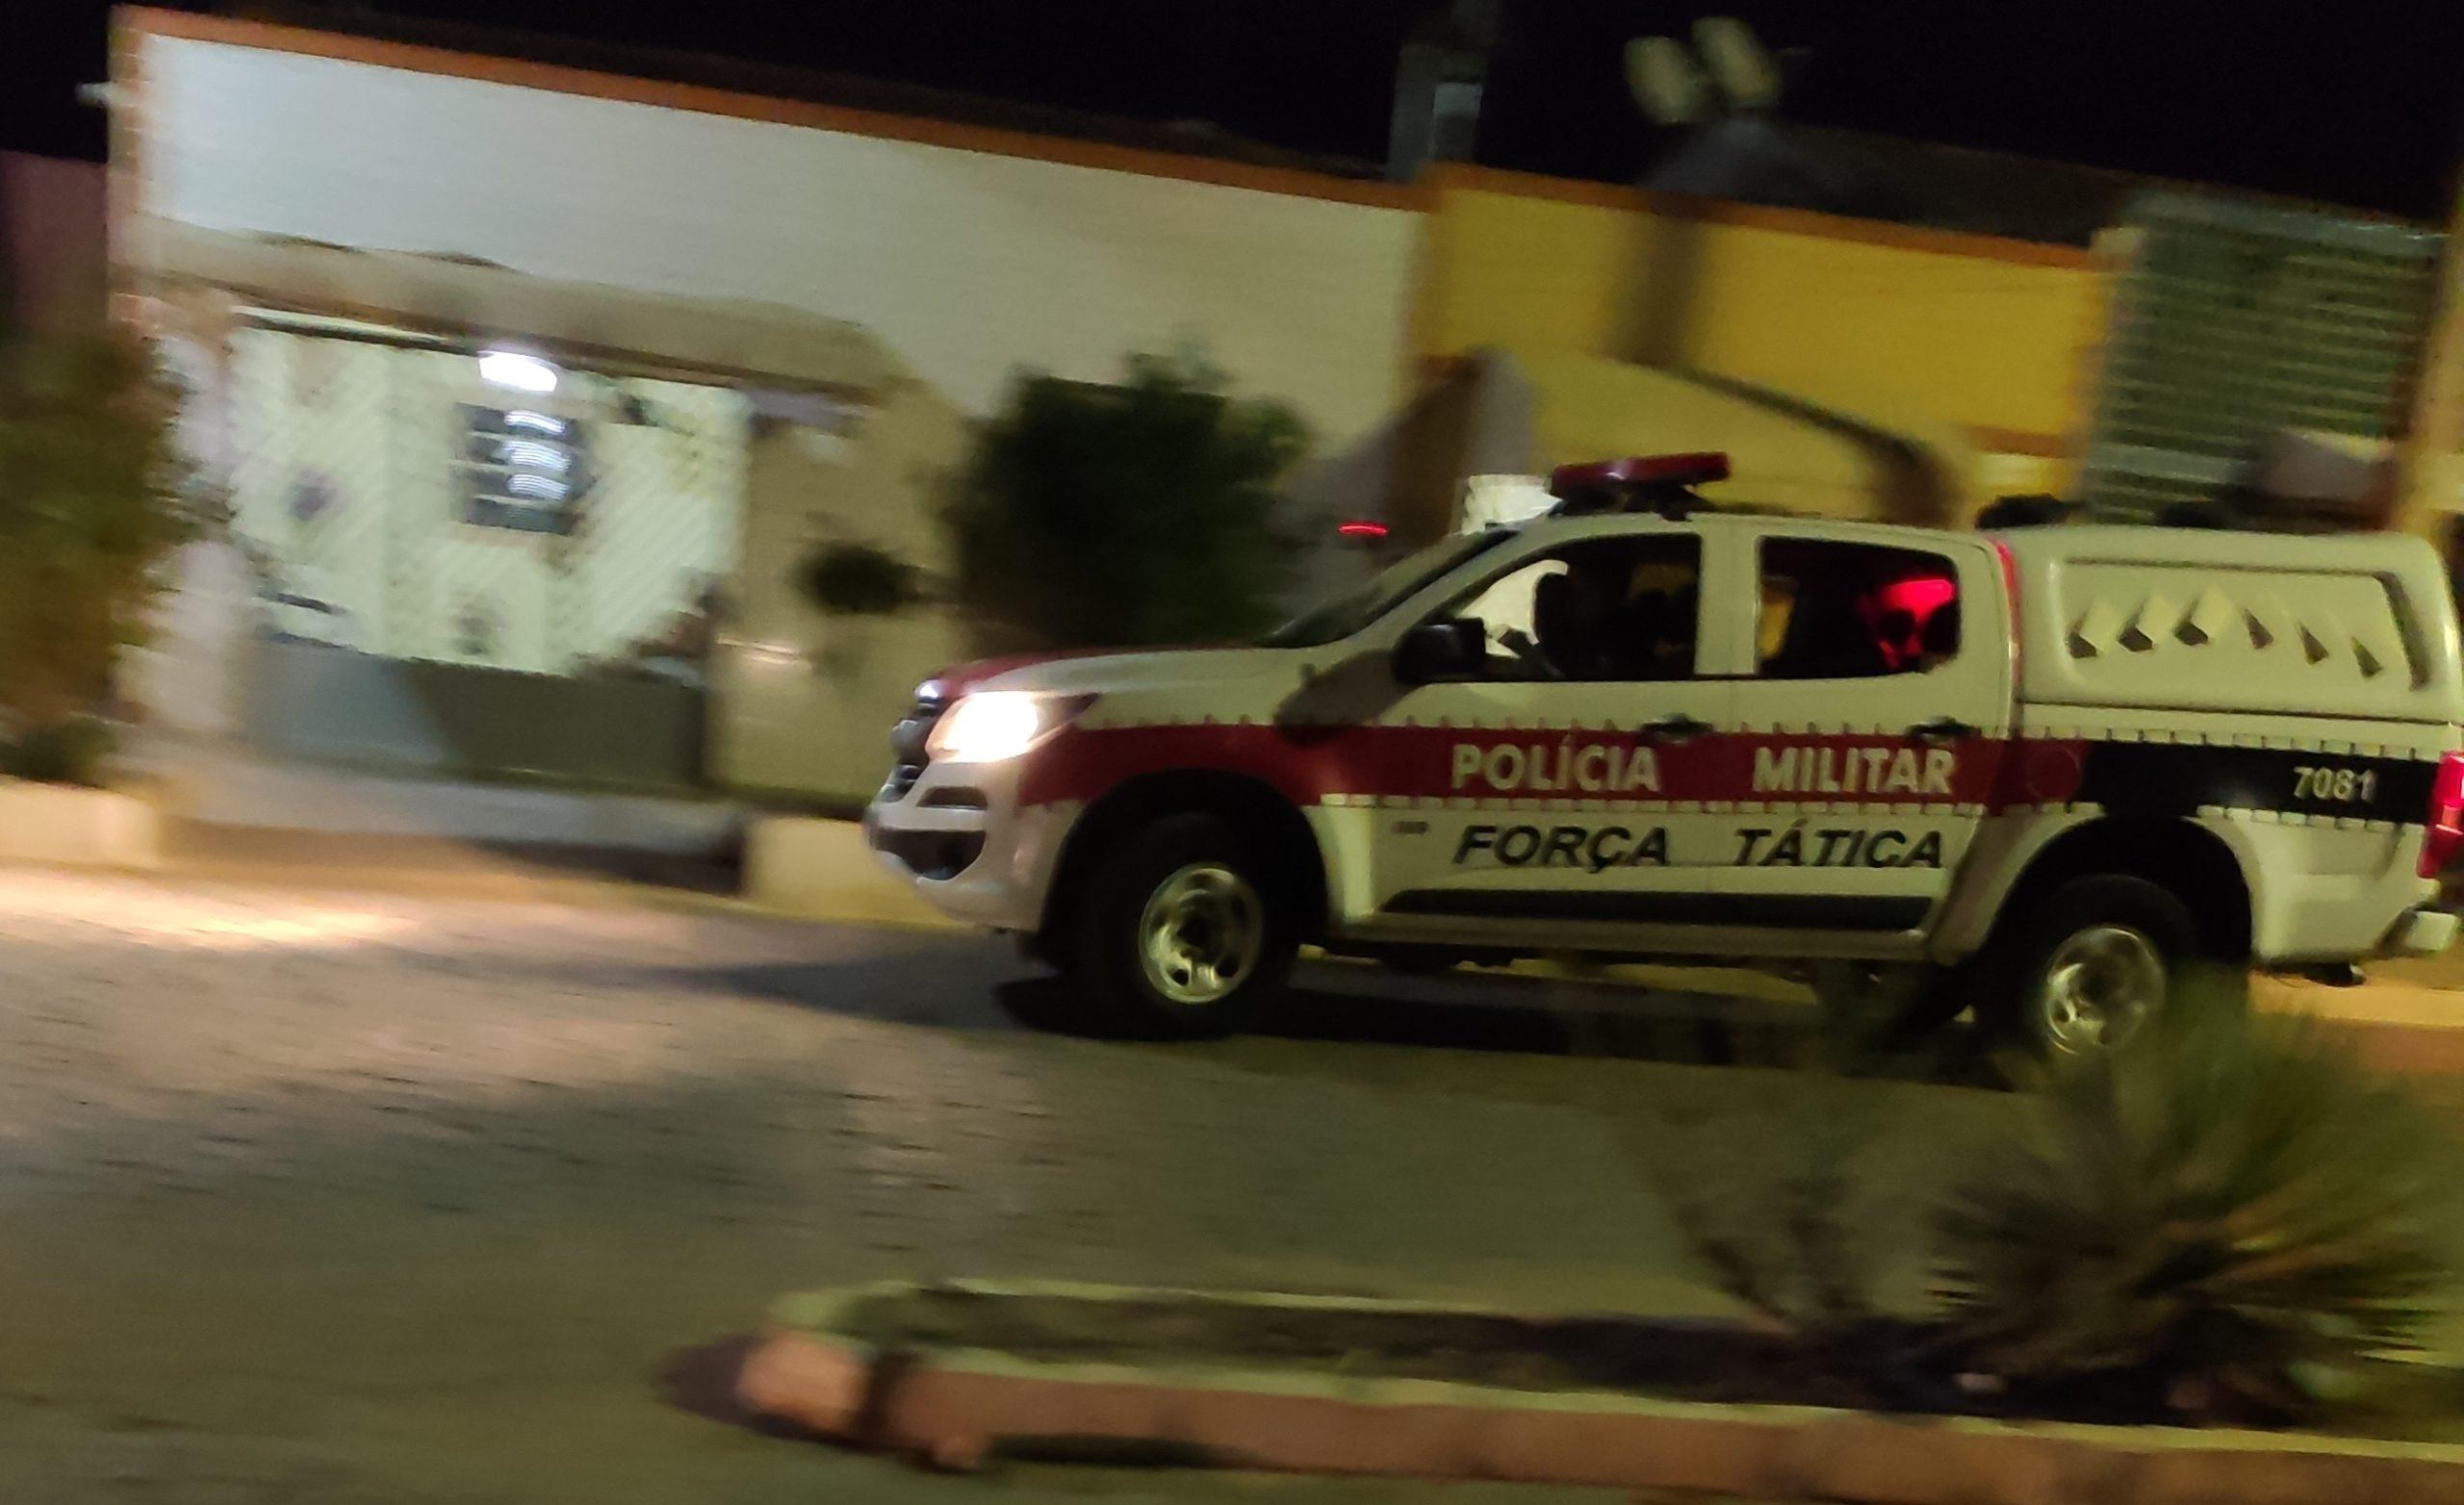 IMG_20210120_222623-scaled Jovem é baleado em tentativa de homicídiono bairro do Cemitério em Monteiro